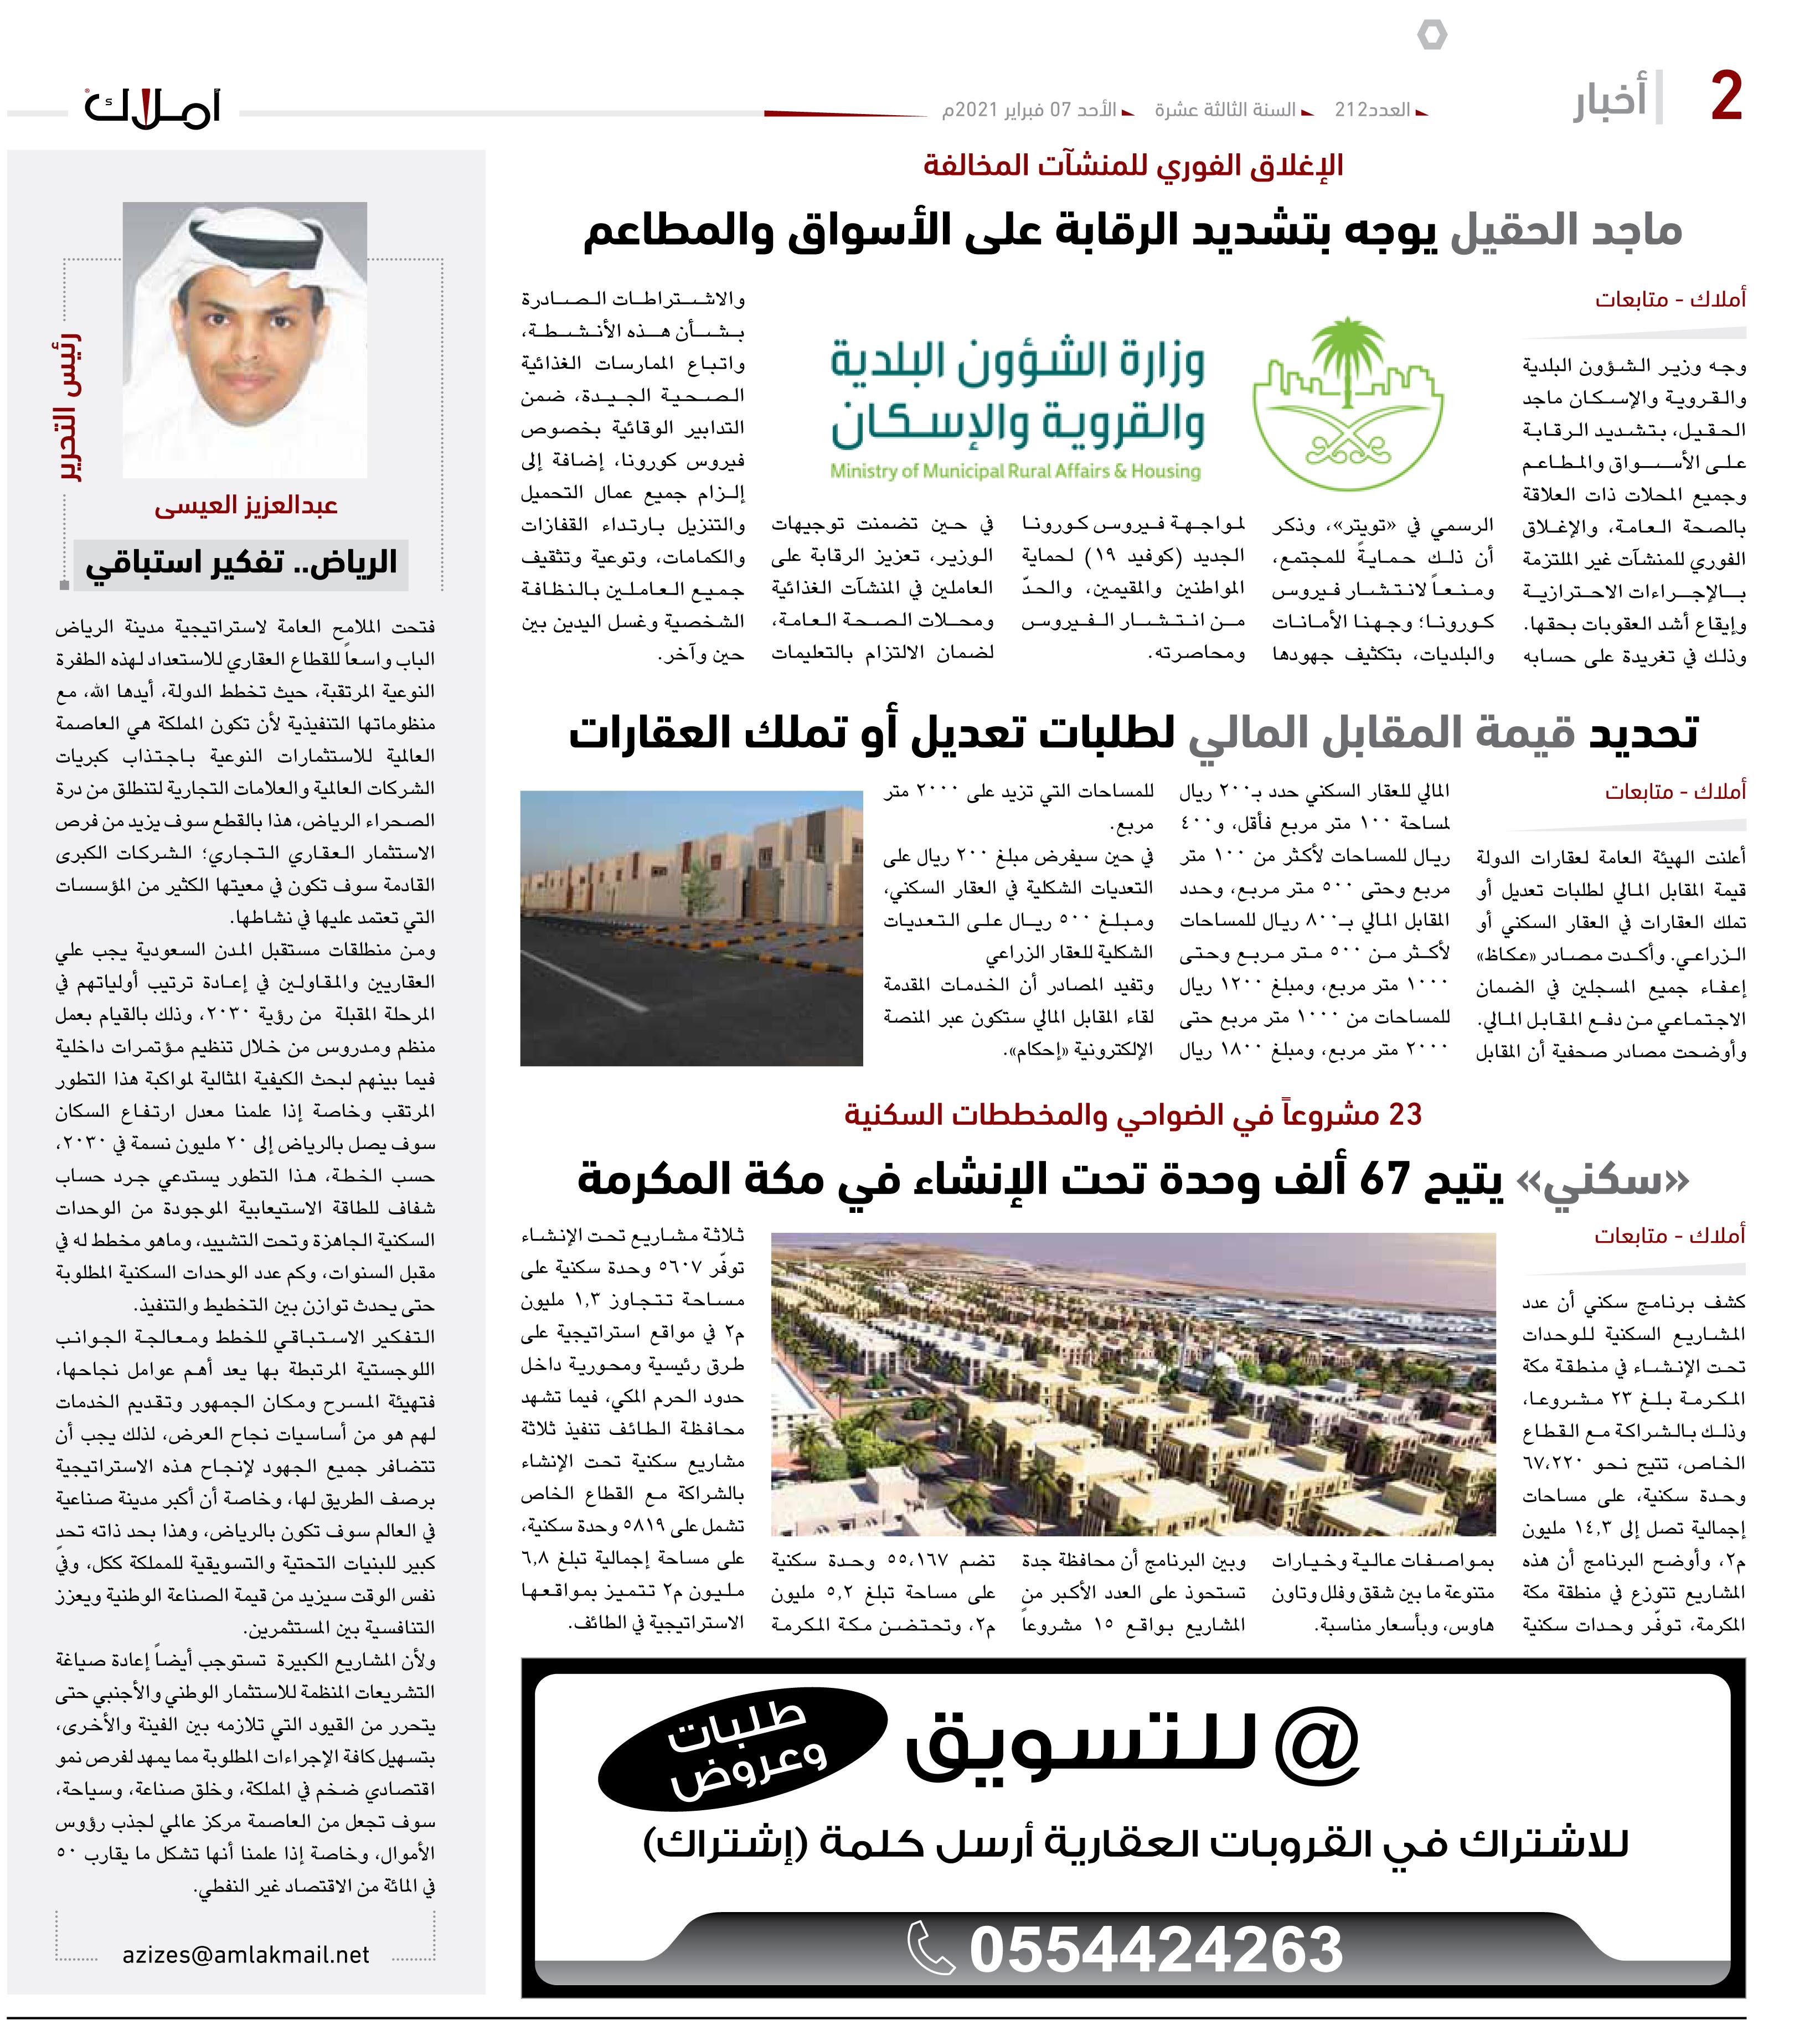 الصفحة الثانية - أخبار عقارية